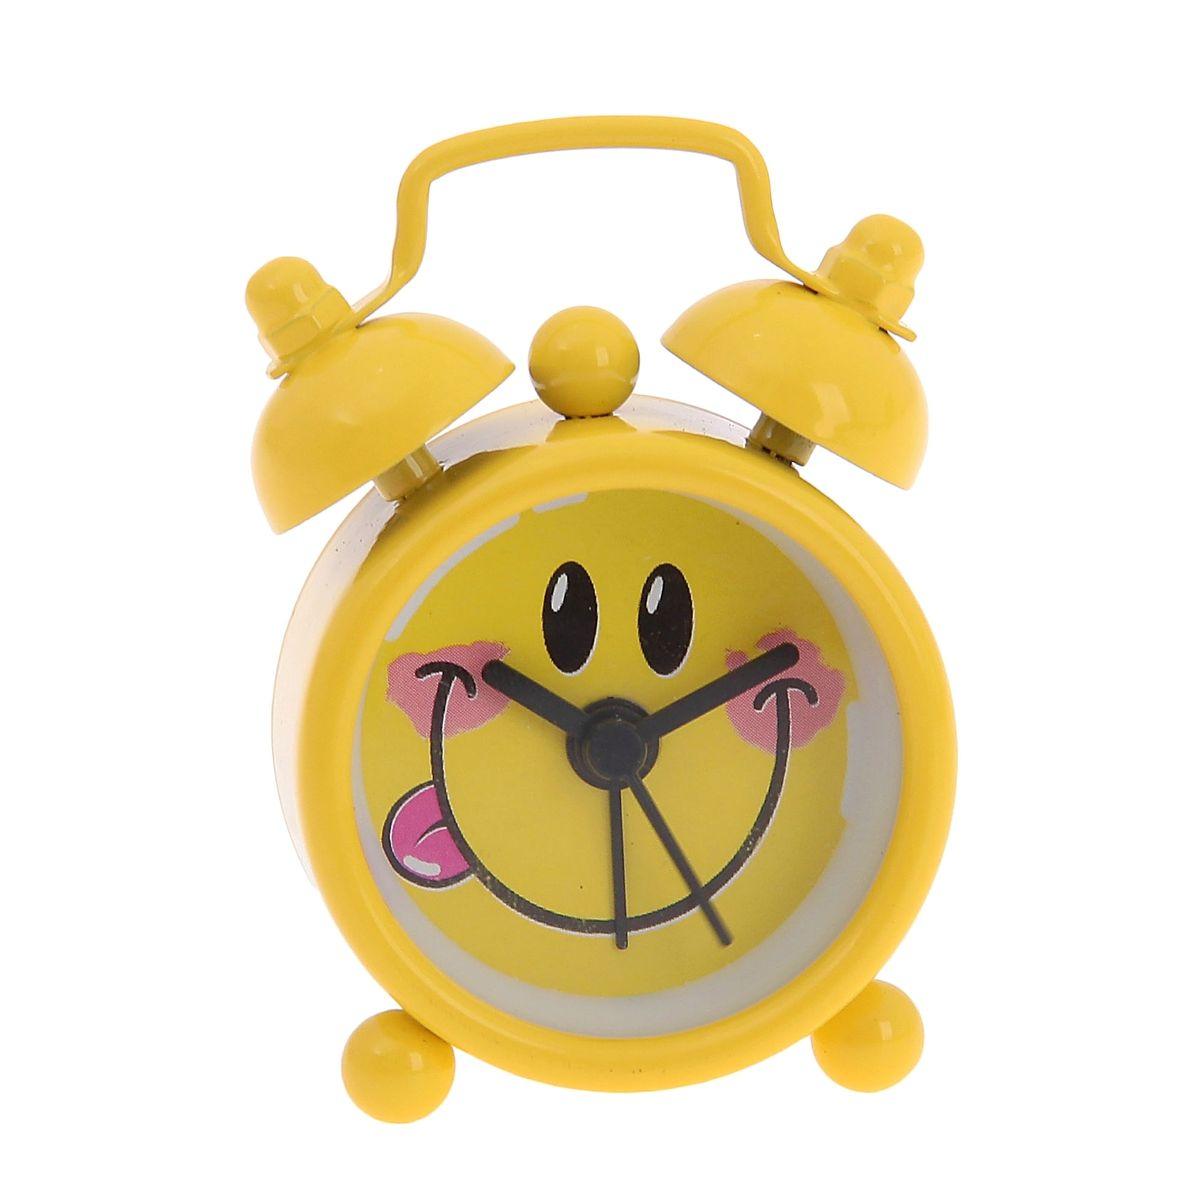 Часы-будильник Sima-land Смайлик, цвет: желтый92268Как же сложно иногда вставать вовремя! Всегда так хочется поспать еще хотя бы 5 минут и бывает, что мы просыпаем. Теперь этого не случится! Яркий, оригинальный будильник Sima-land Смайлик поможет вам всегда вставать в нужное время и успевать везде и всюду. Будильник украсит вашу комнату и приведет в восхищение друзей. Эта уменьшенная версия привычного будильника умещается на ладони и работает так же громко, как и привычные аналоги. Время показывает точно и будит в установленный час.На задней панели будильника расположены переключатель включения/выключения механизма, а также два колесика для настройки текущего времени и времени звонка будильника.Будильник работает от 1 батарейки типа LR44 (входит в комплект).